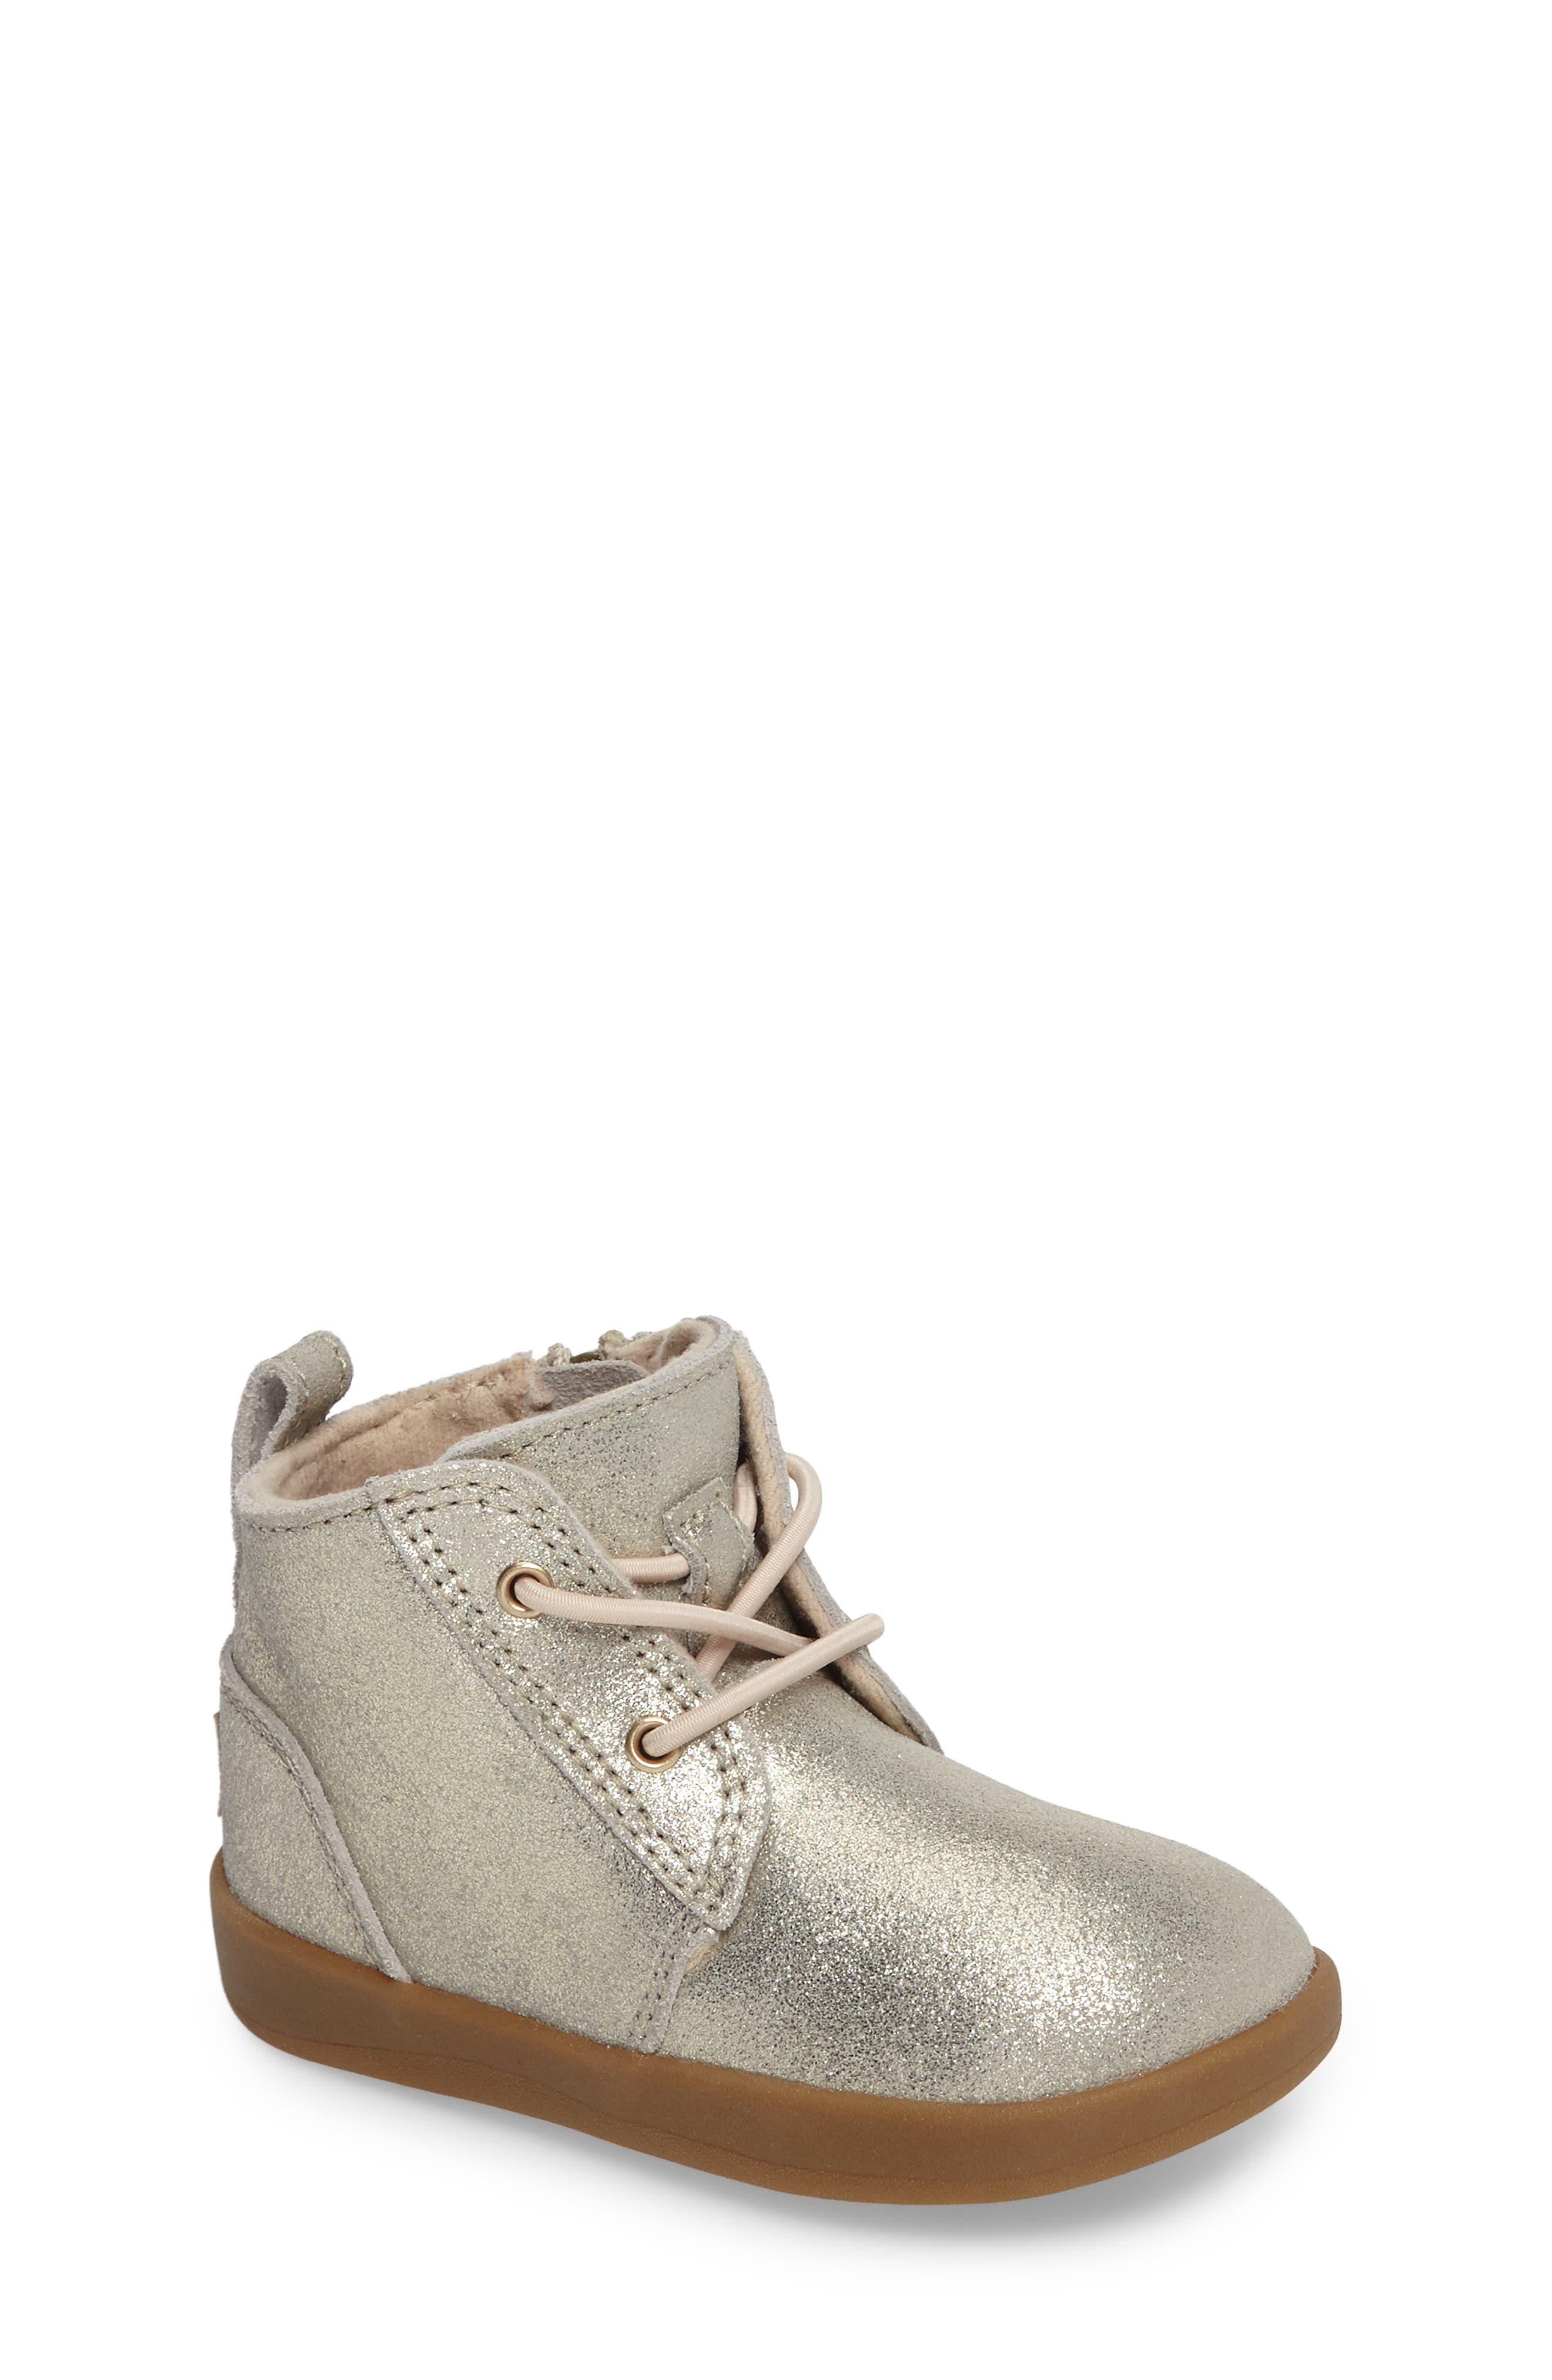 UGG<SUP>®</SUP> Kristjan Metallic Sneaker Boot, Main, color, 710